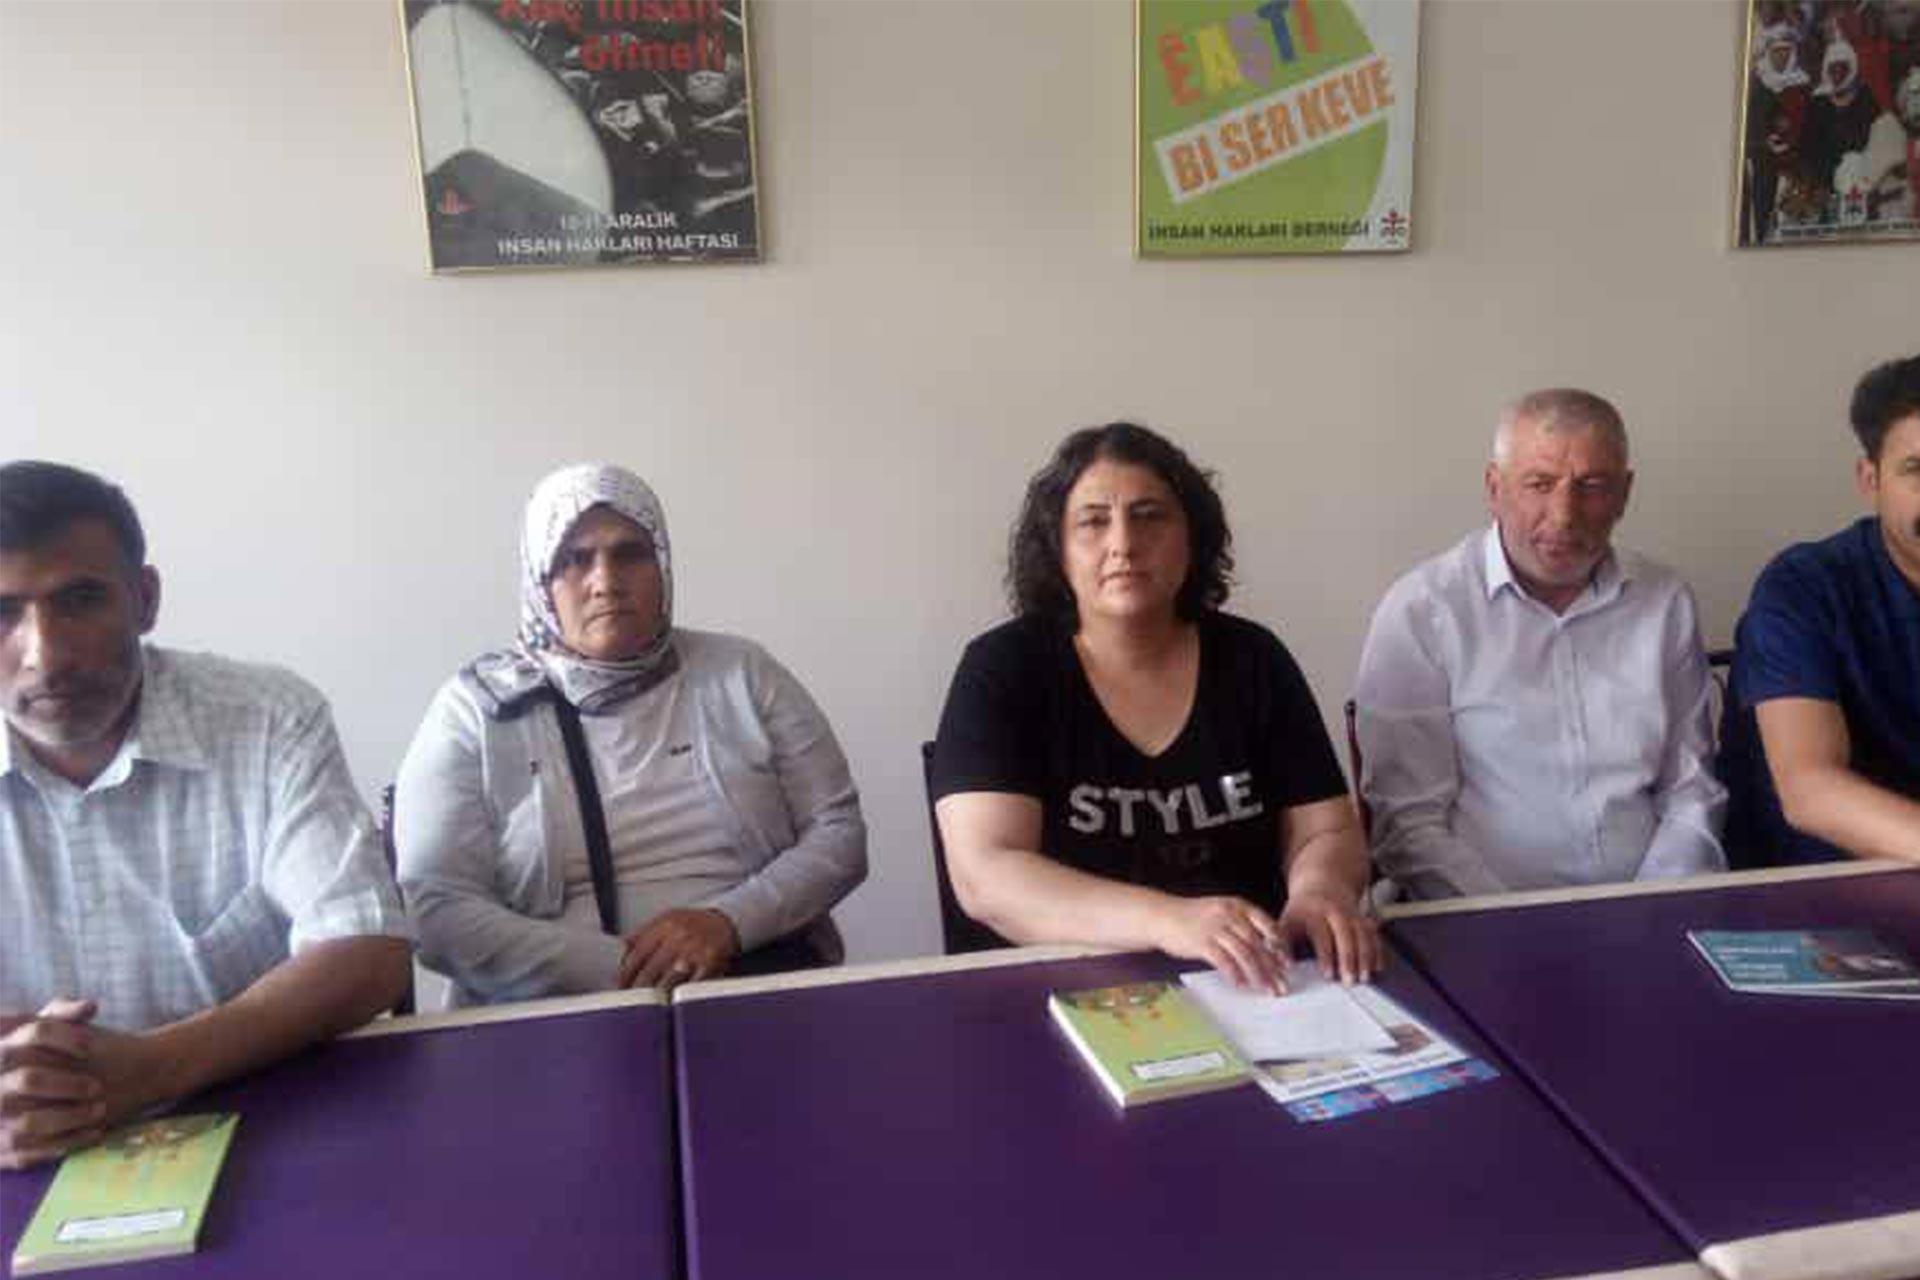 İHD Kars Şubesi: Hakların anayasal güvence altına alındığı bir ülke istiyoruz